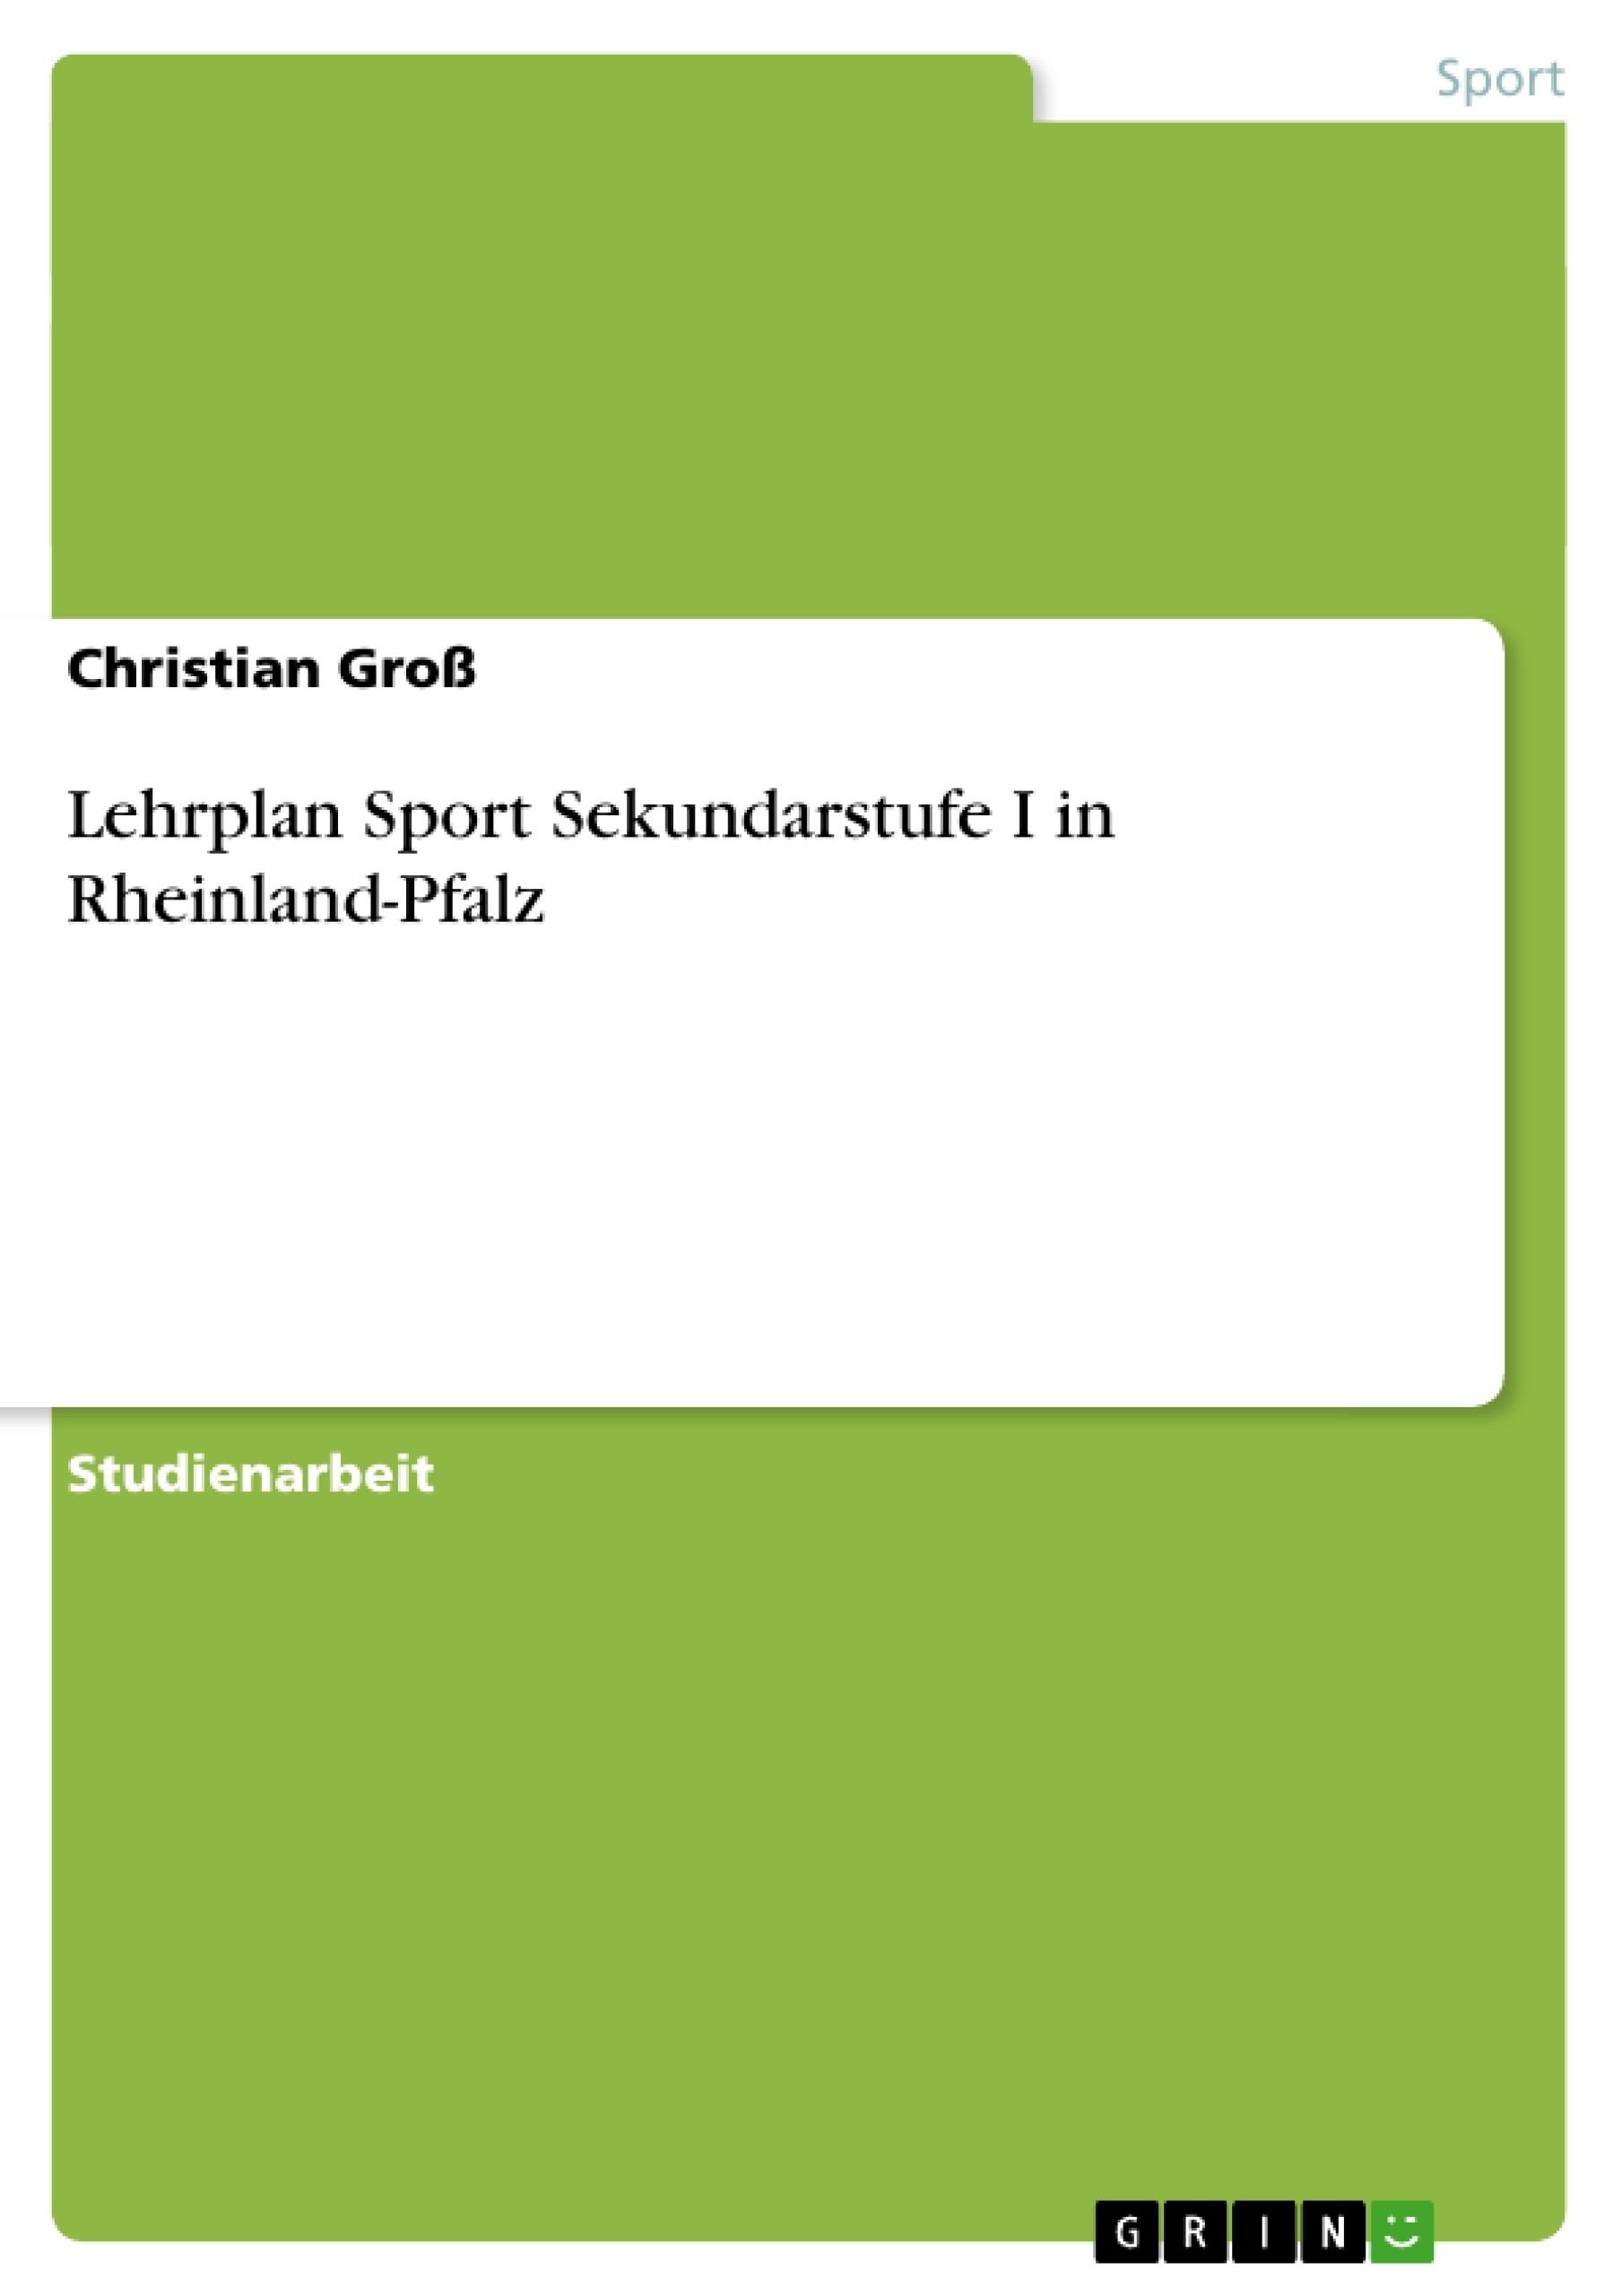 Titel: Lehrplan Sport Sekundarstufe I in Rheinland-Pfalz